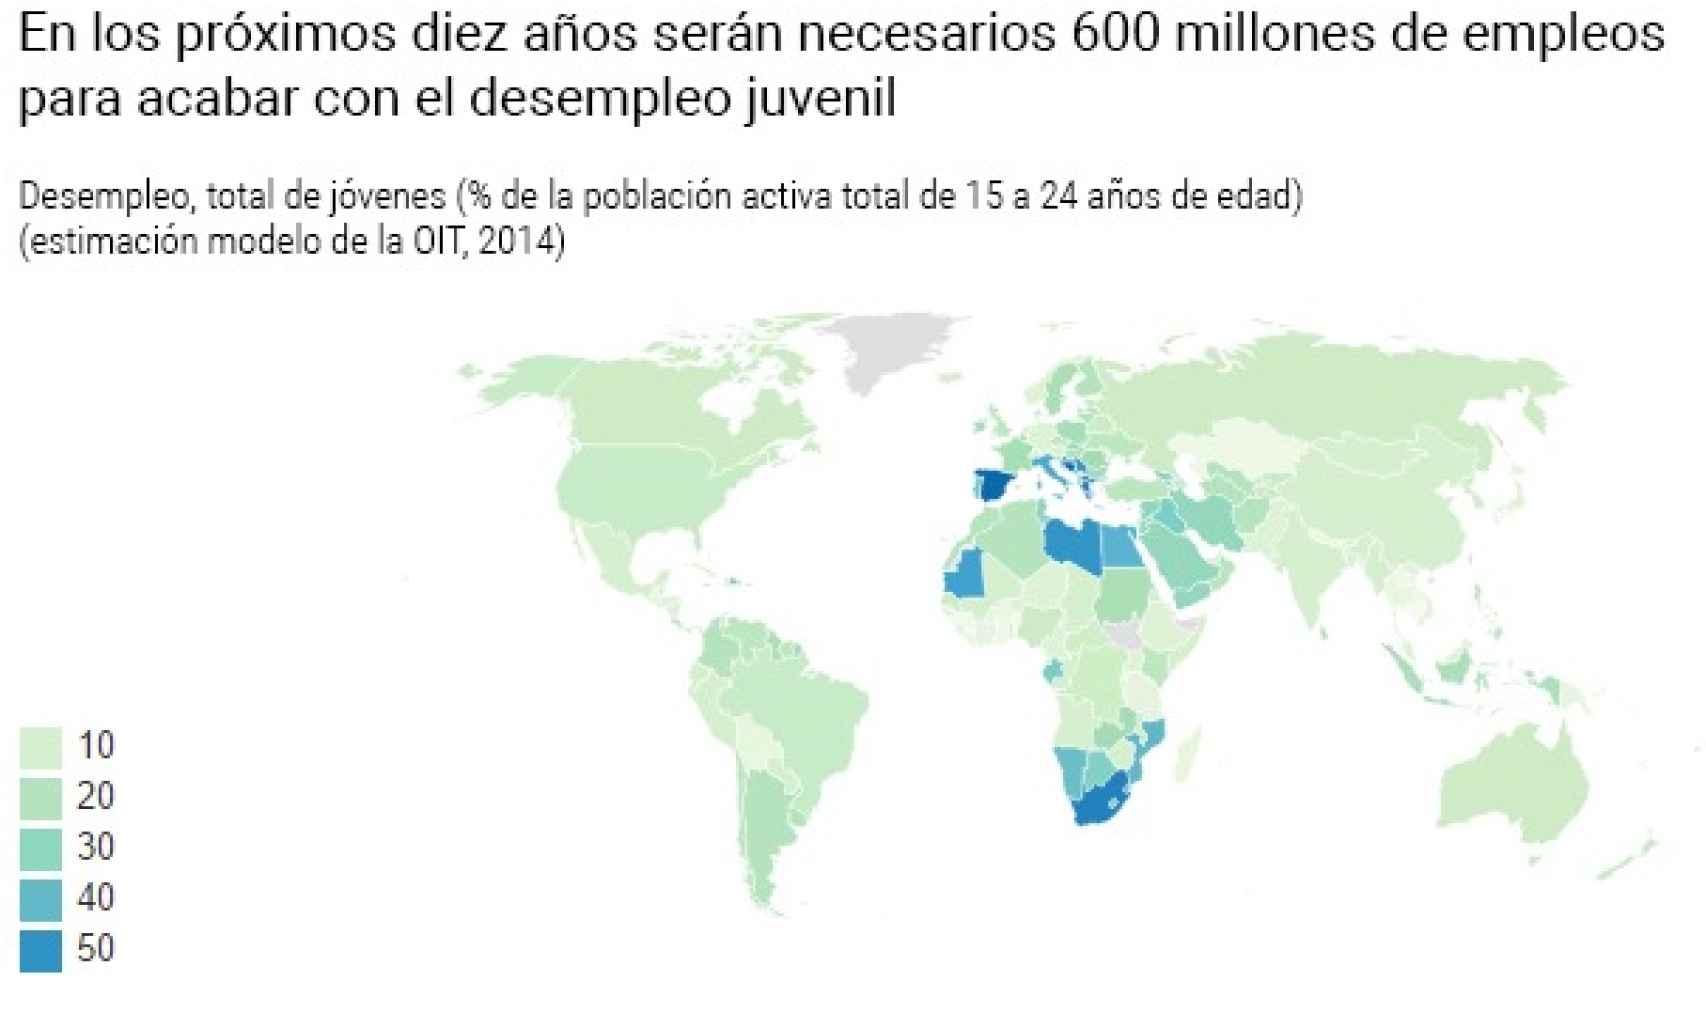 España destaca como uno de los países con más desempleo juvenil del mundo.